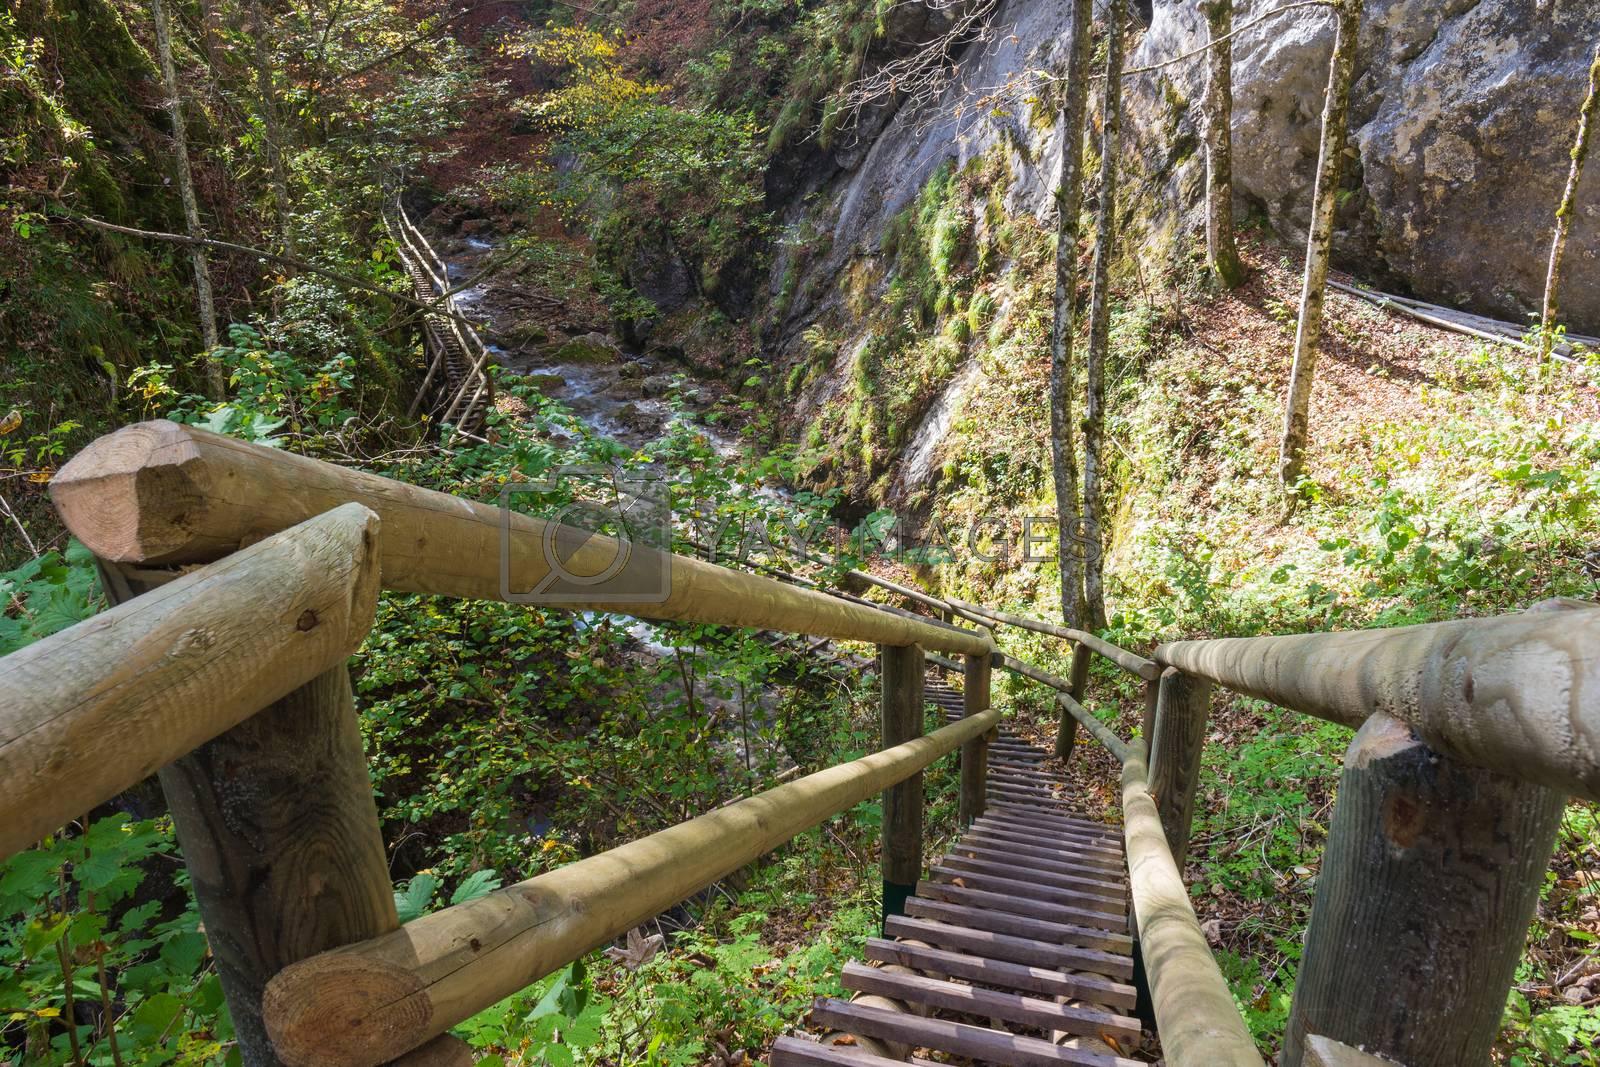 Barenschutzklamm - gorge near Mixnitz in Austria